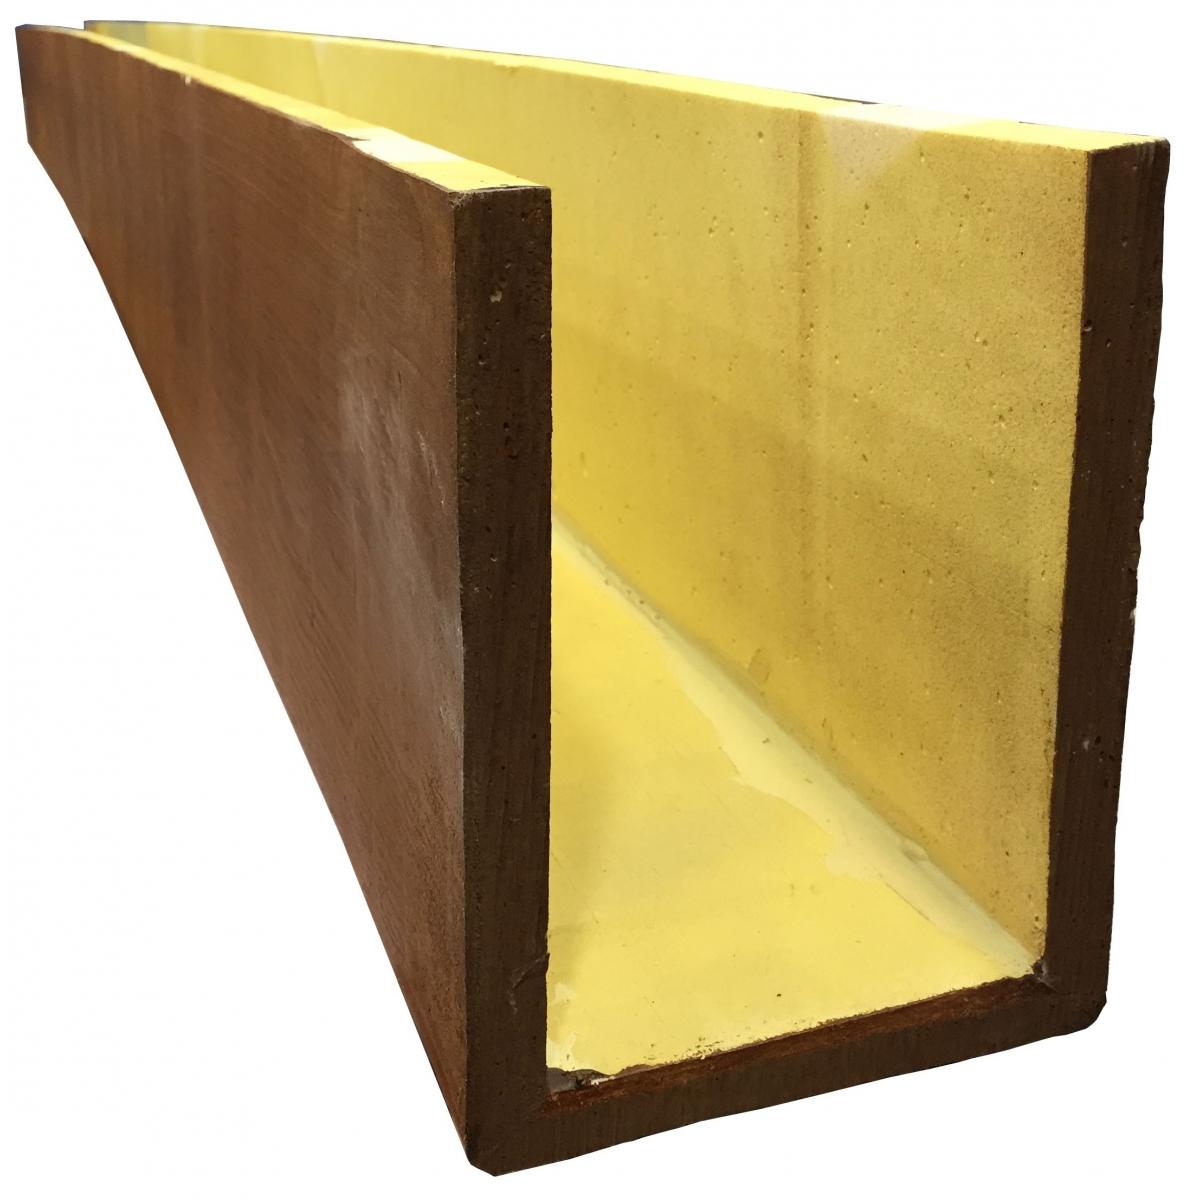 Viga imitación a madera 300x59x60